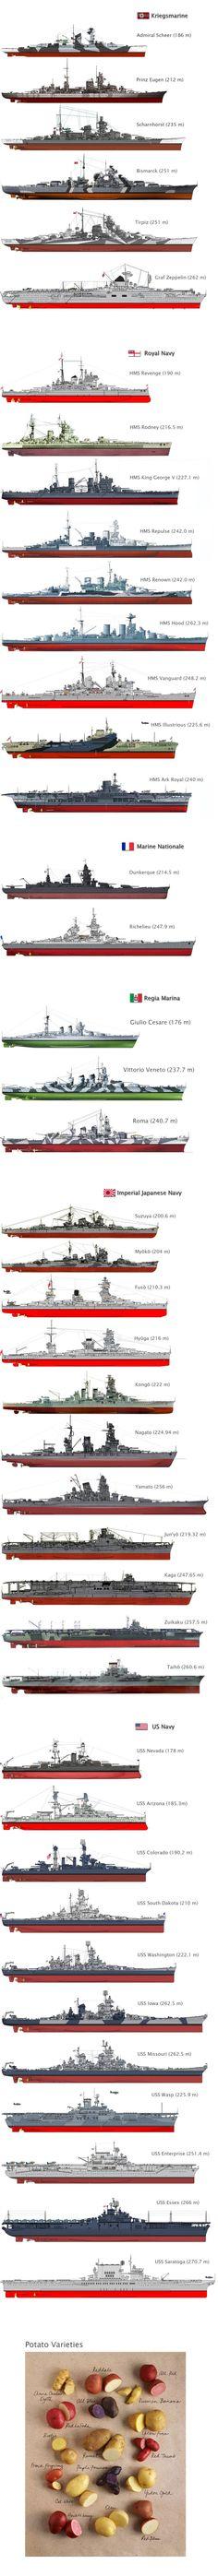 35 Best Battleship images in 2019 | Battleship, Military